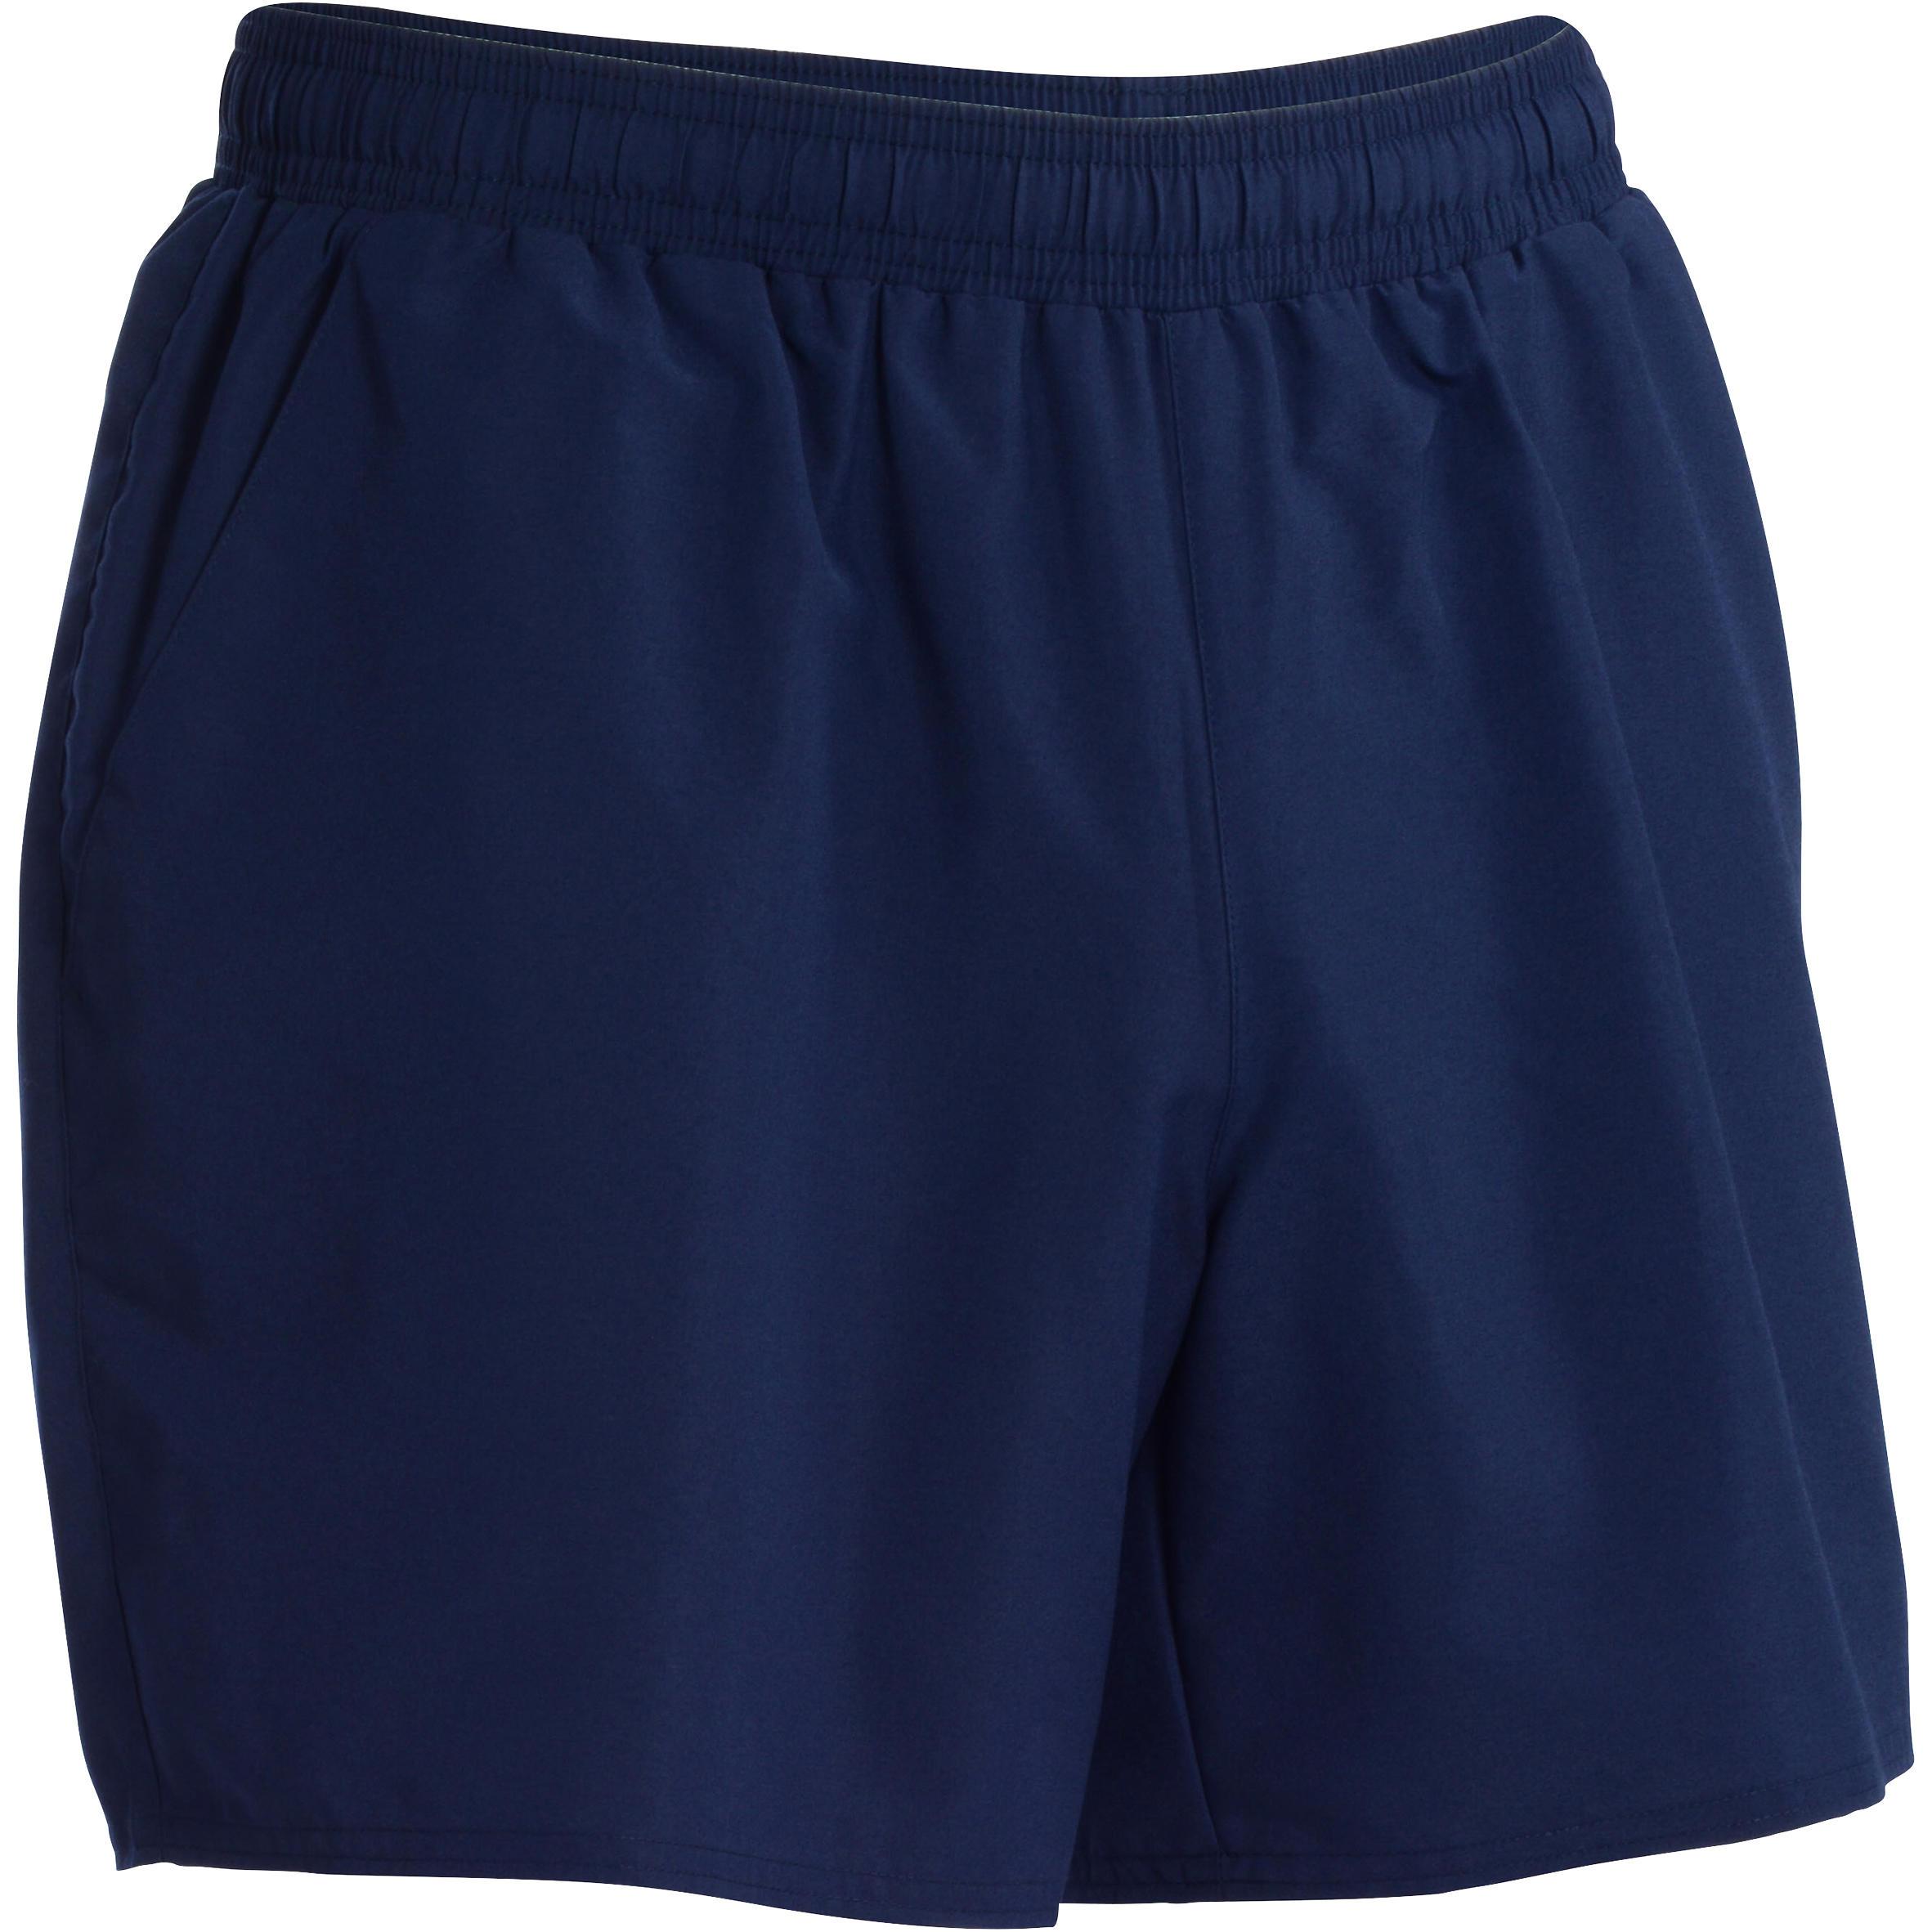 Short de fitness cardio para hombre azul marino FST100